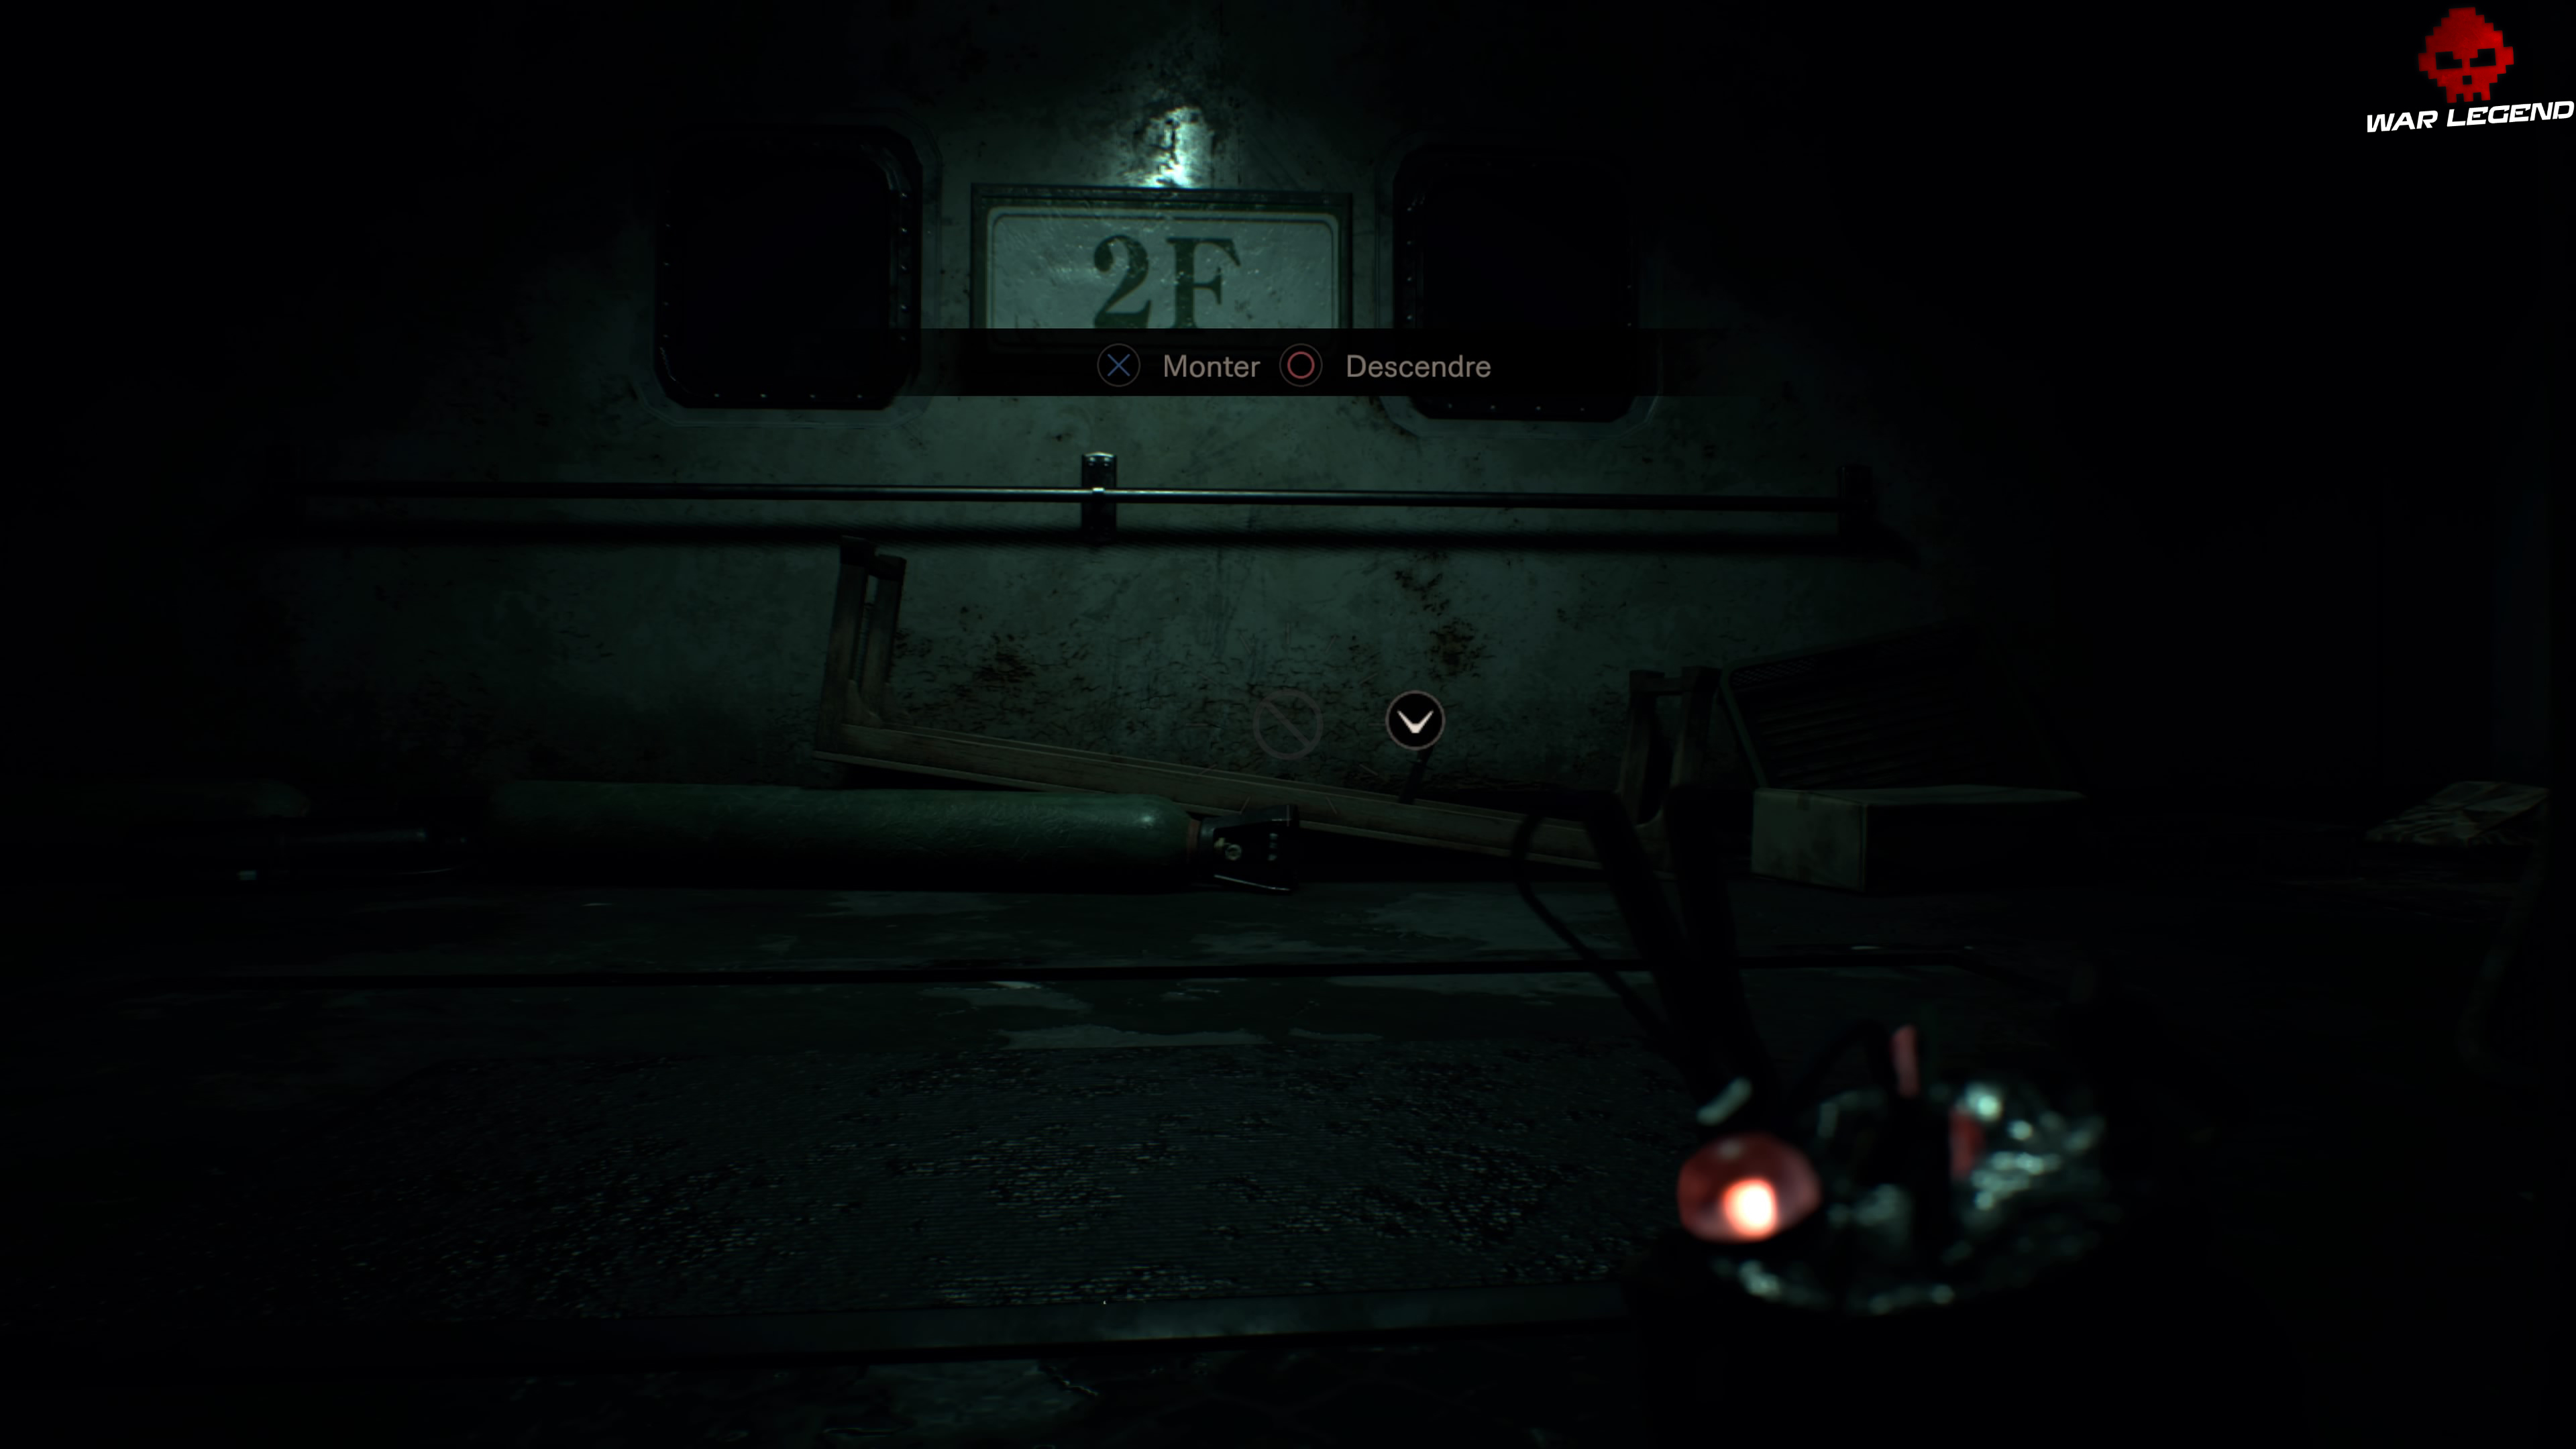 Solution Resident Evil 7 Biohazard Chapitre 7 choix monter ou descendre étage 2F